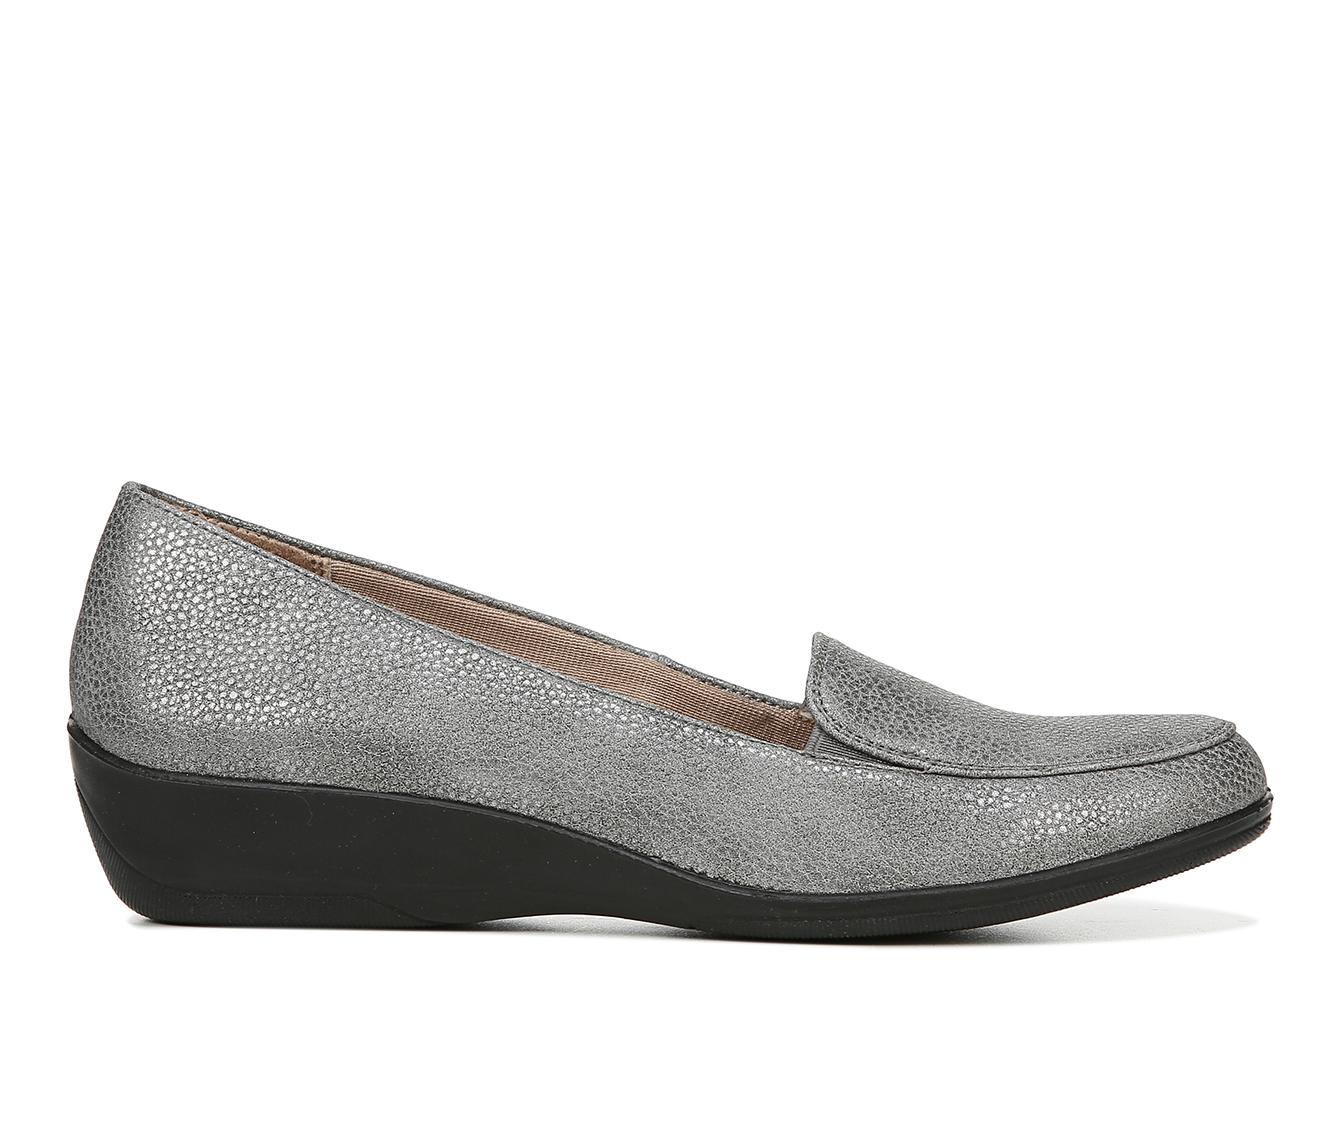 LifeStride Impulse Women's Shoe (Gray Faux Leather)